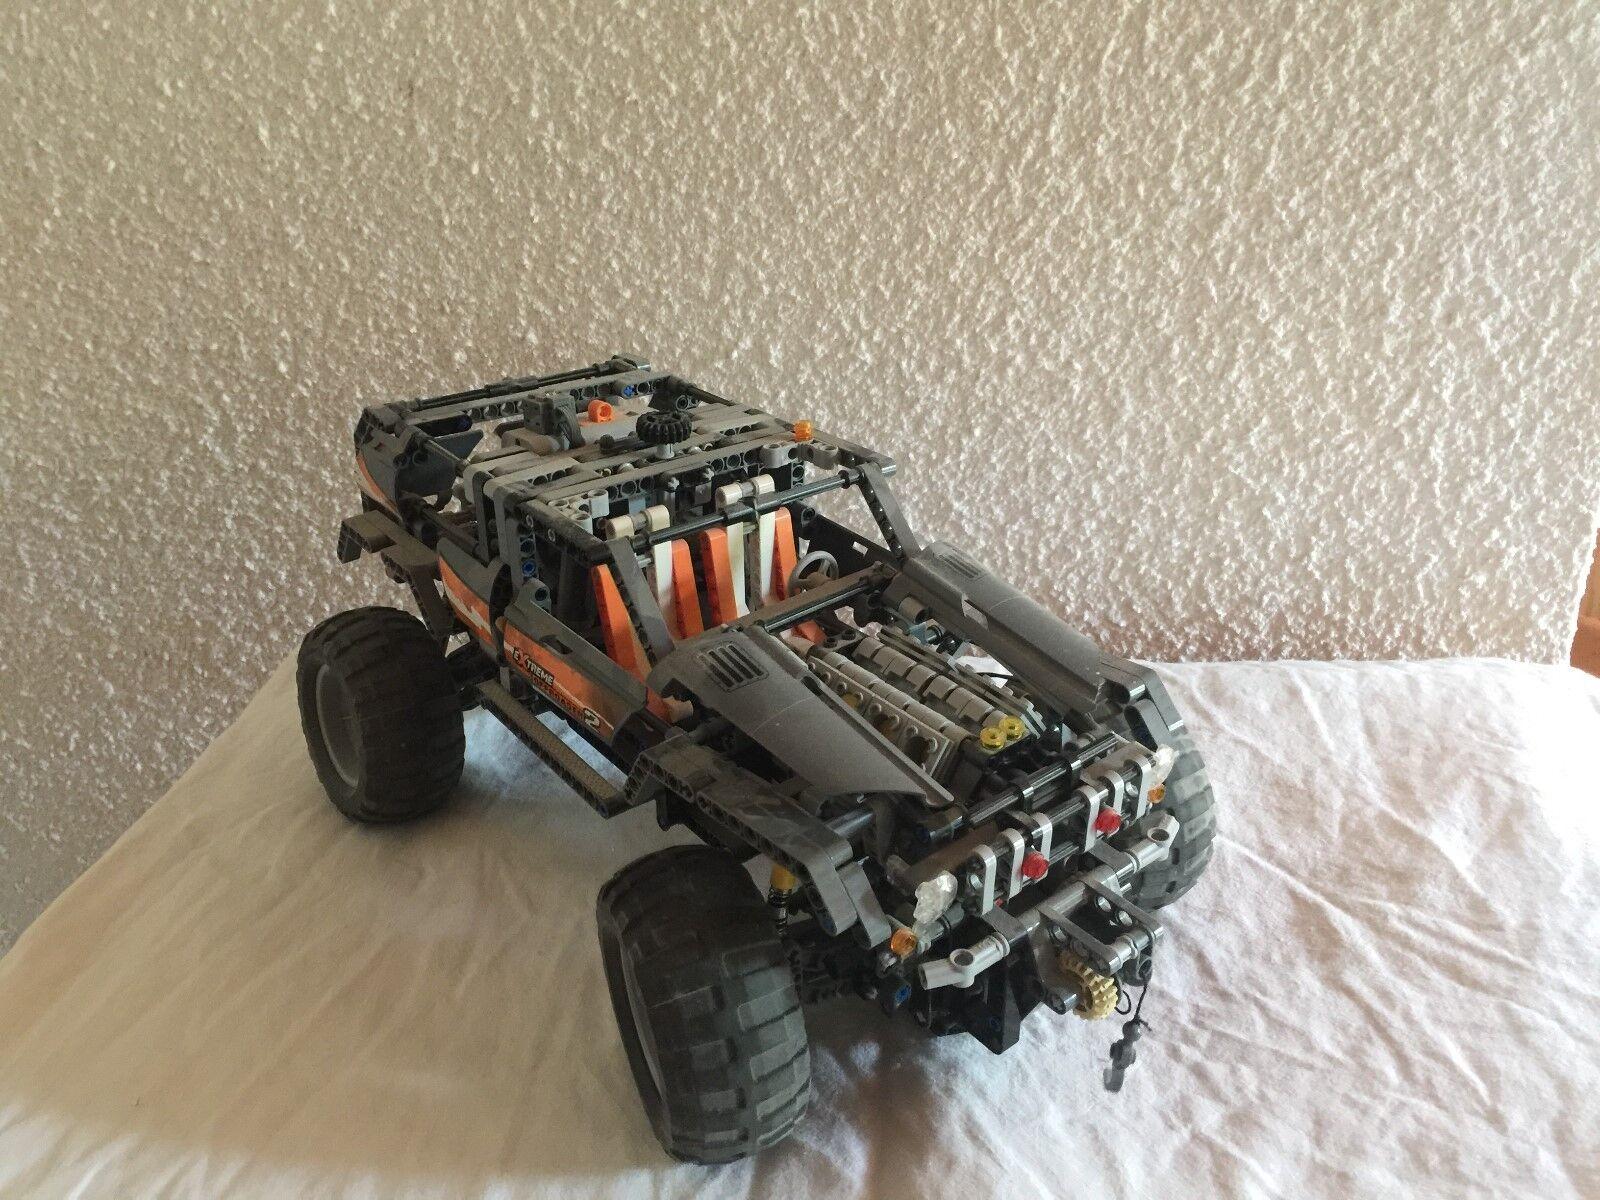 Verkaufe einen Lego technik Truc, Jeep - Lego 8297